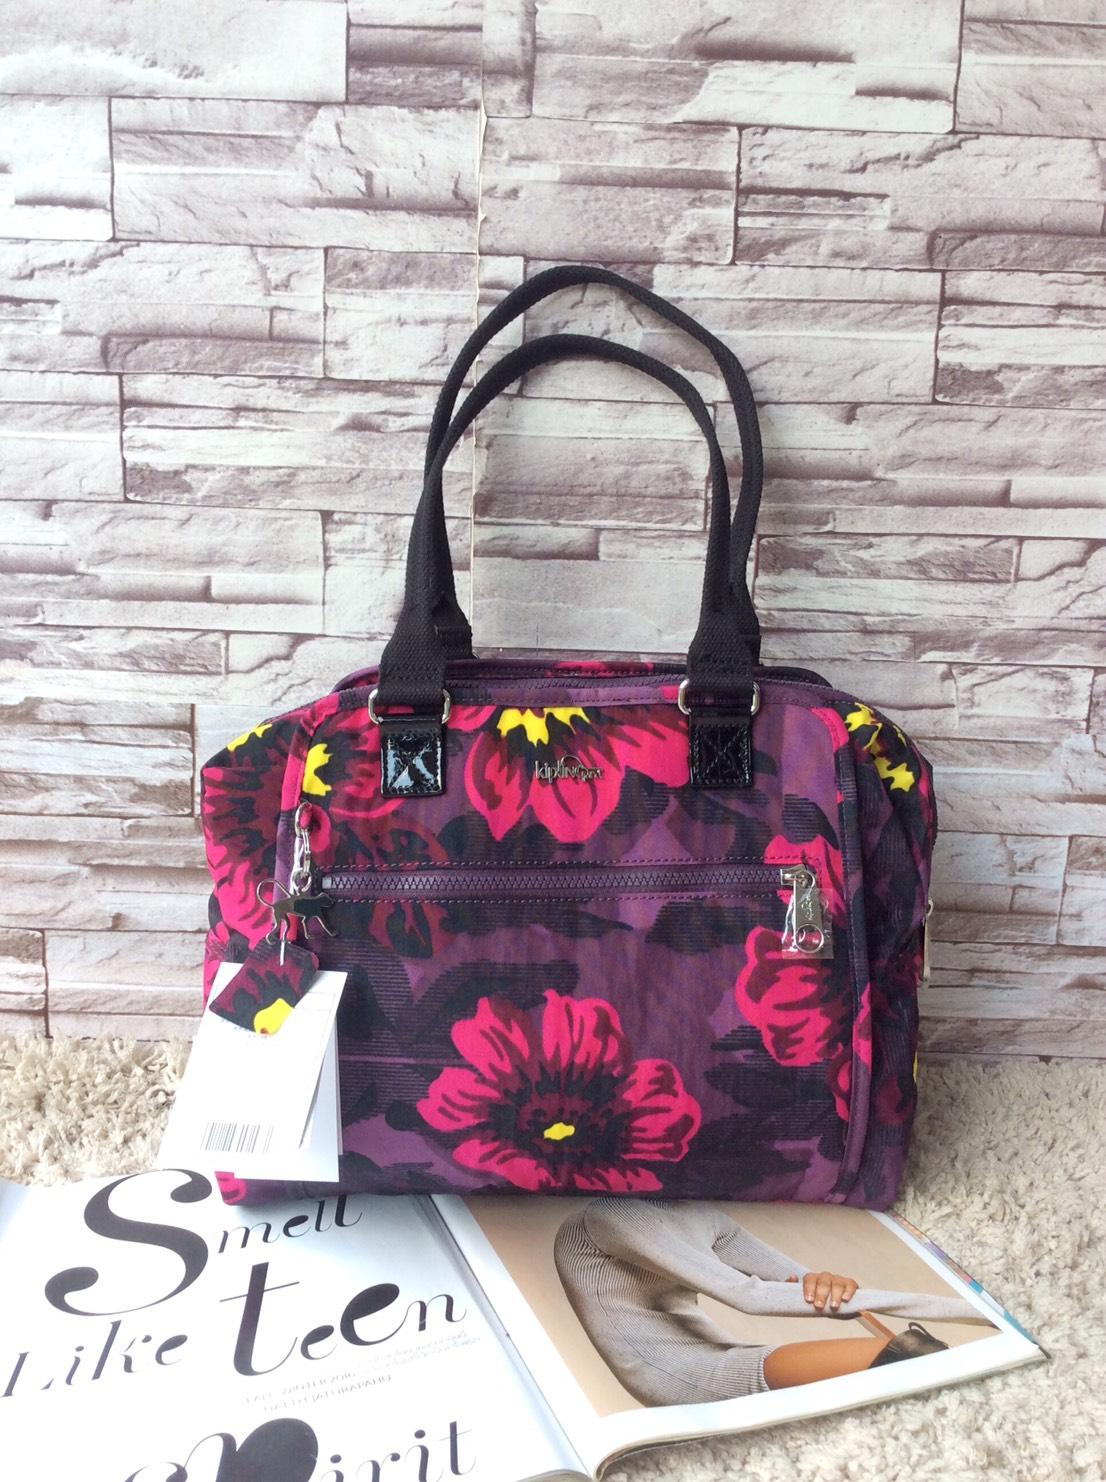 กระเป๋าเป้ Kipling Outlet HK Farbe Mehrfarbig (353 Rose Bloom) แบบหูยาว ไม่มีสายสะพาย